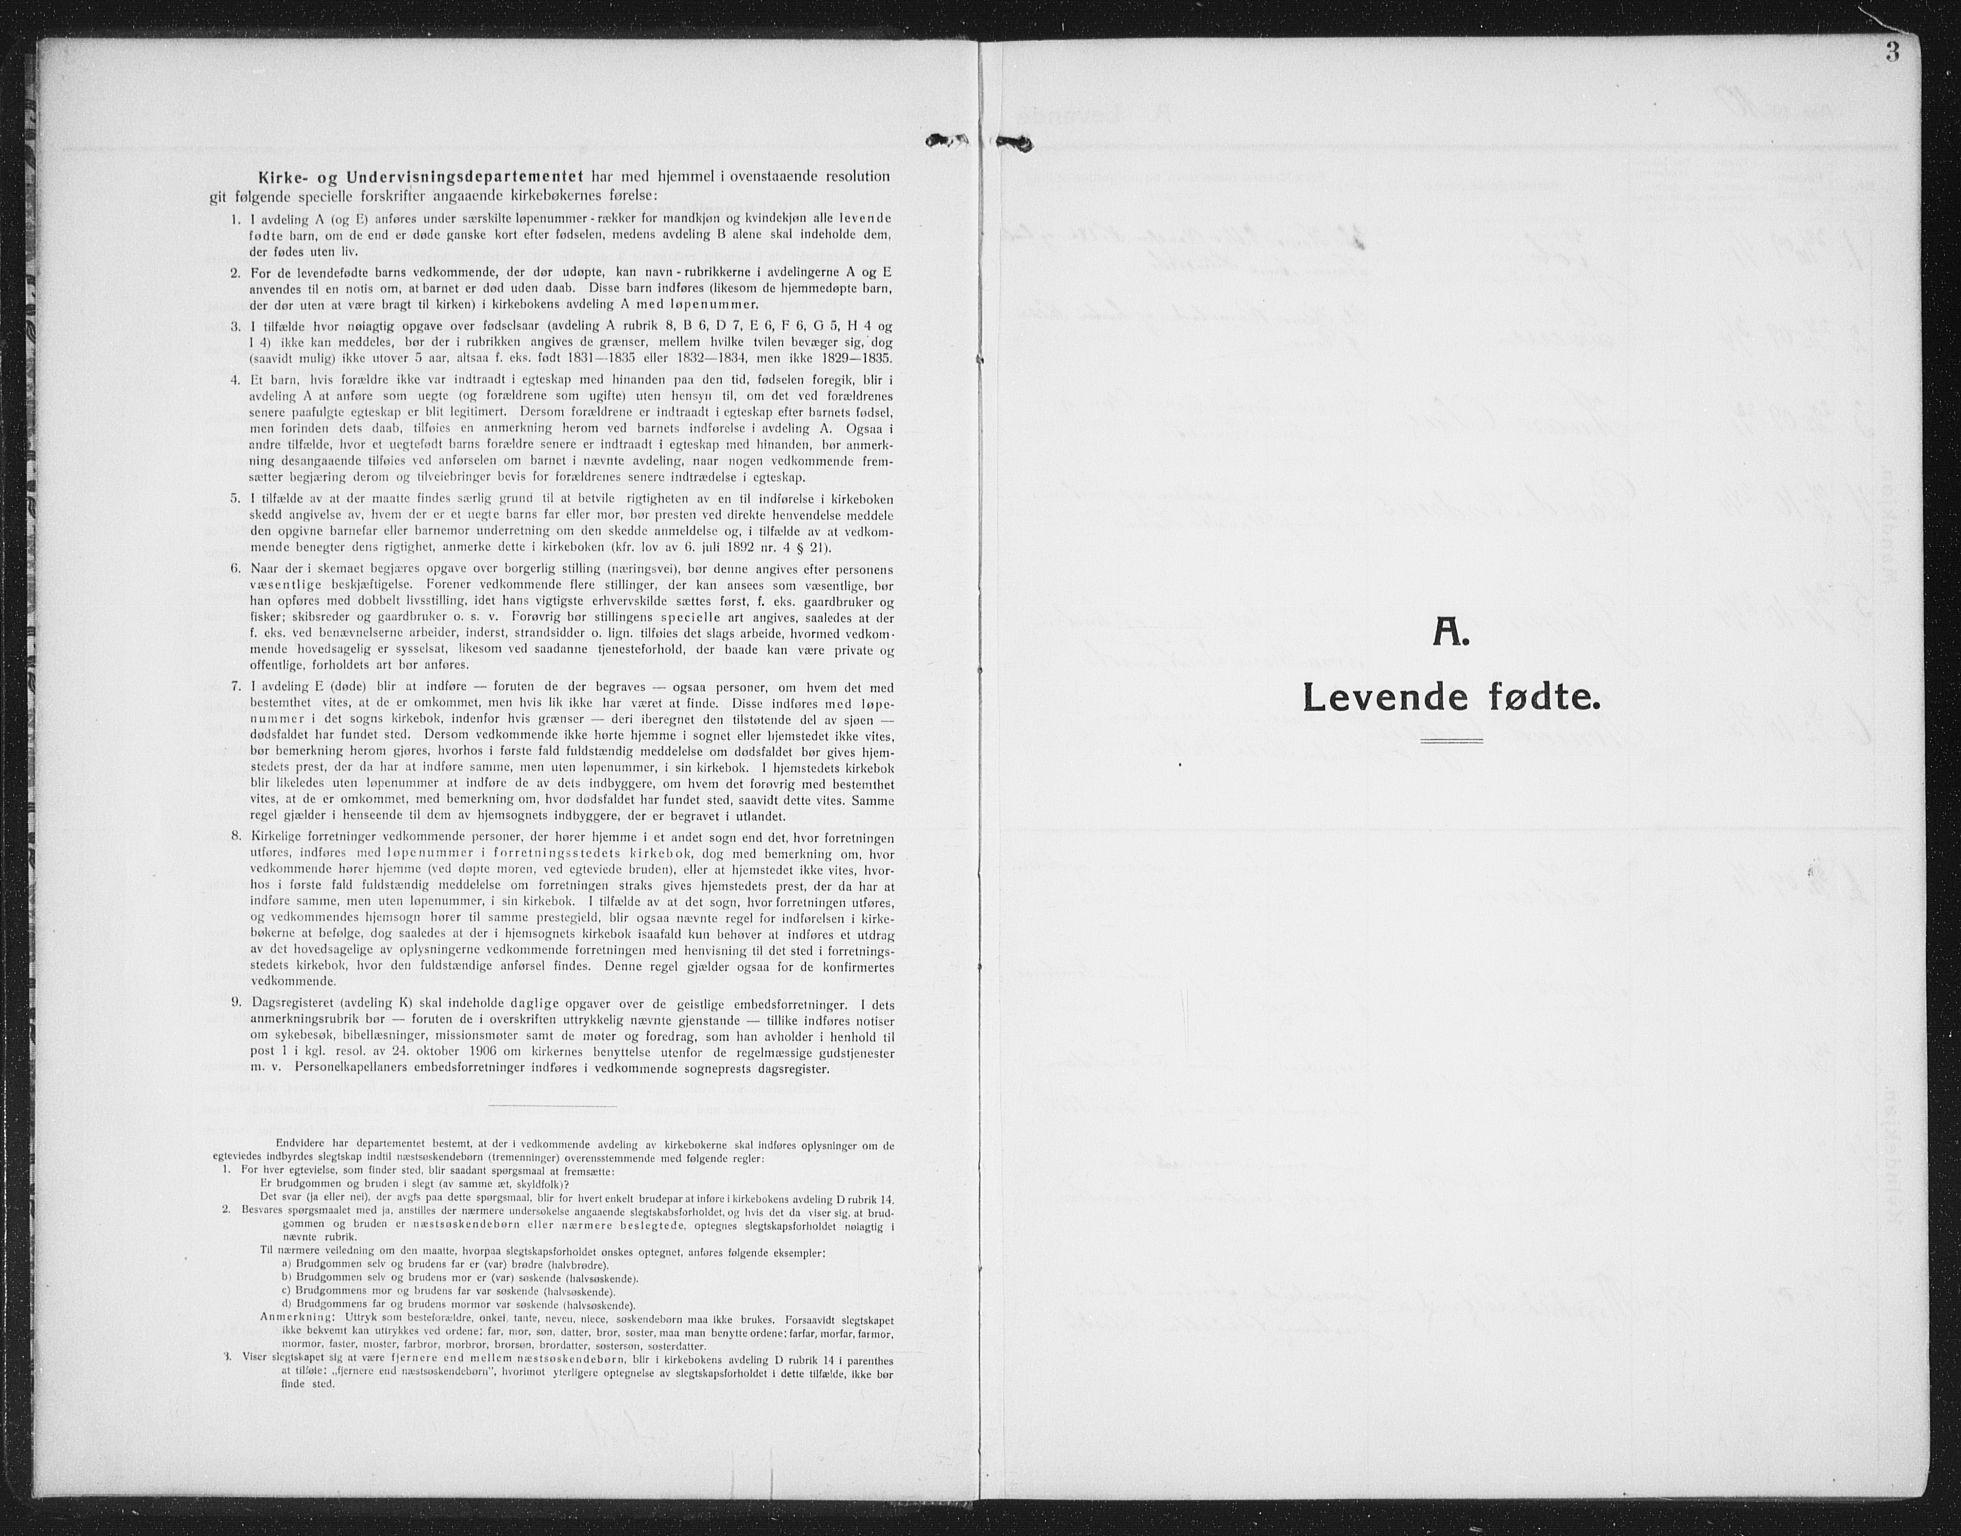 SAT, Ministerialprotokoller, klokkerbøker og fødselsregistre - Nord-Trøndelag, 774/L0630: Klokkerbok nr. 774C01, 1910-1934, s. 3